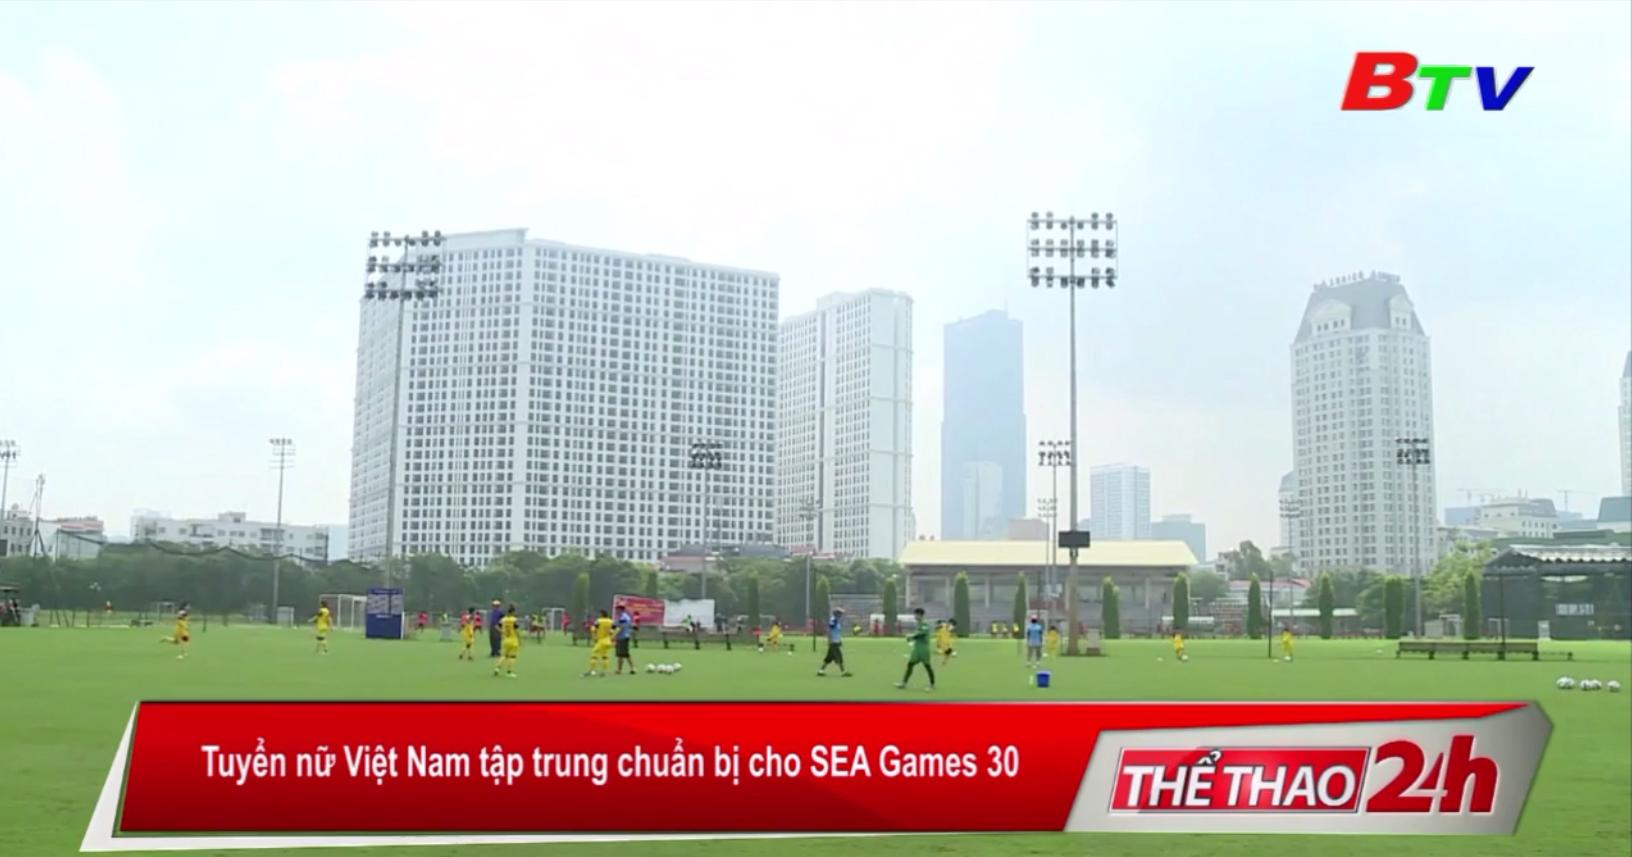 Tuyển nữ Việt Nam tập trung chuẩn bị cho SEA Games 30